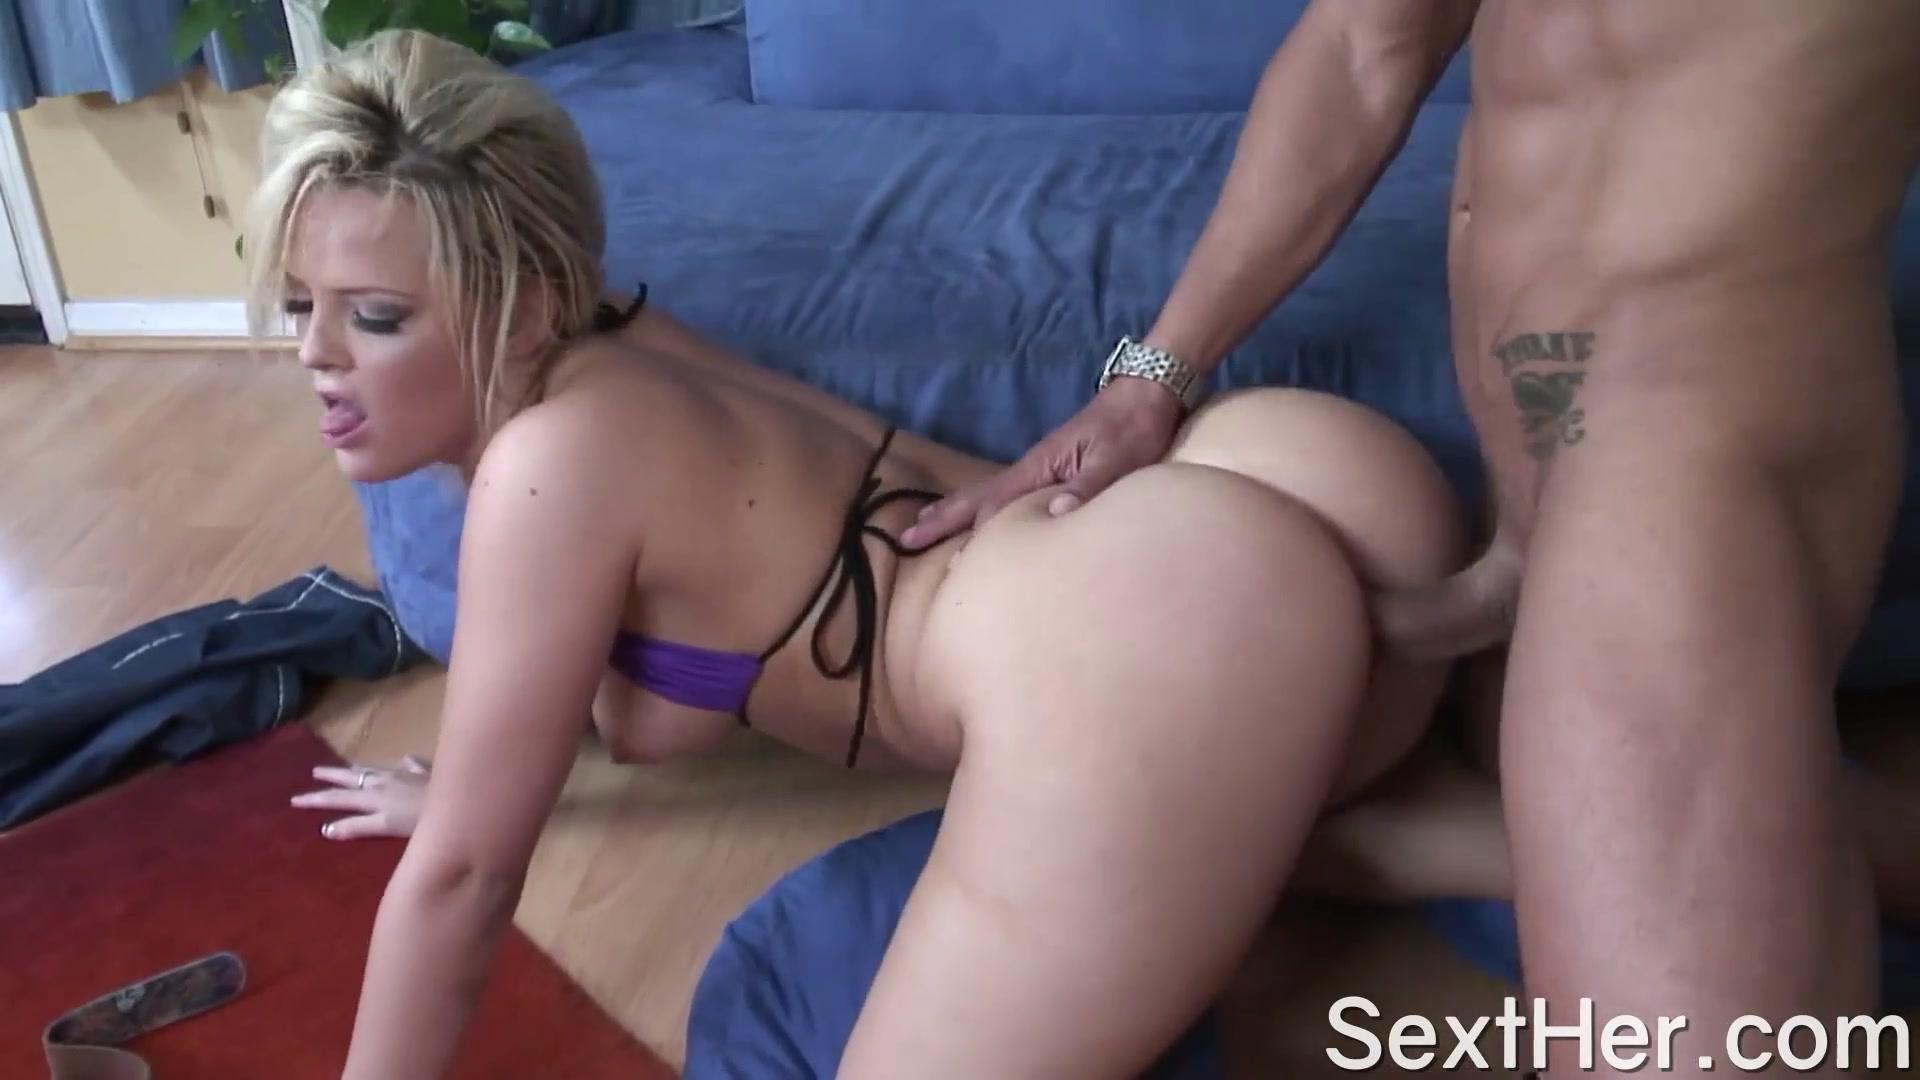 Супружеский секс молодой пары порно фото бесплатно